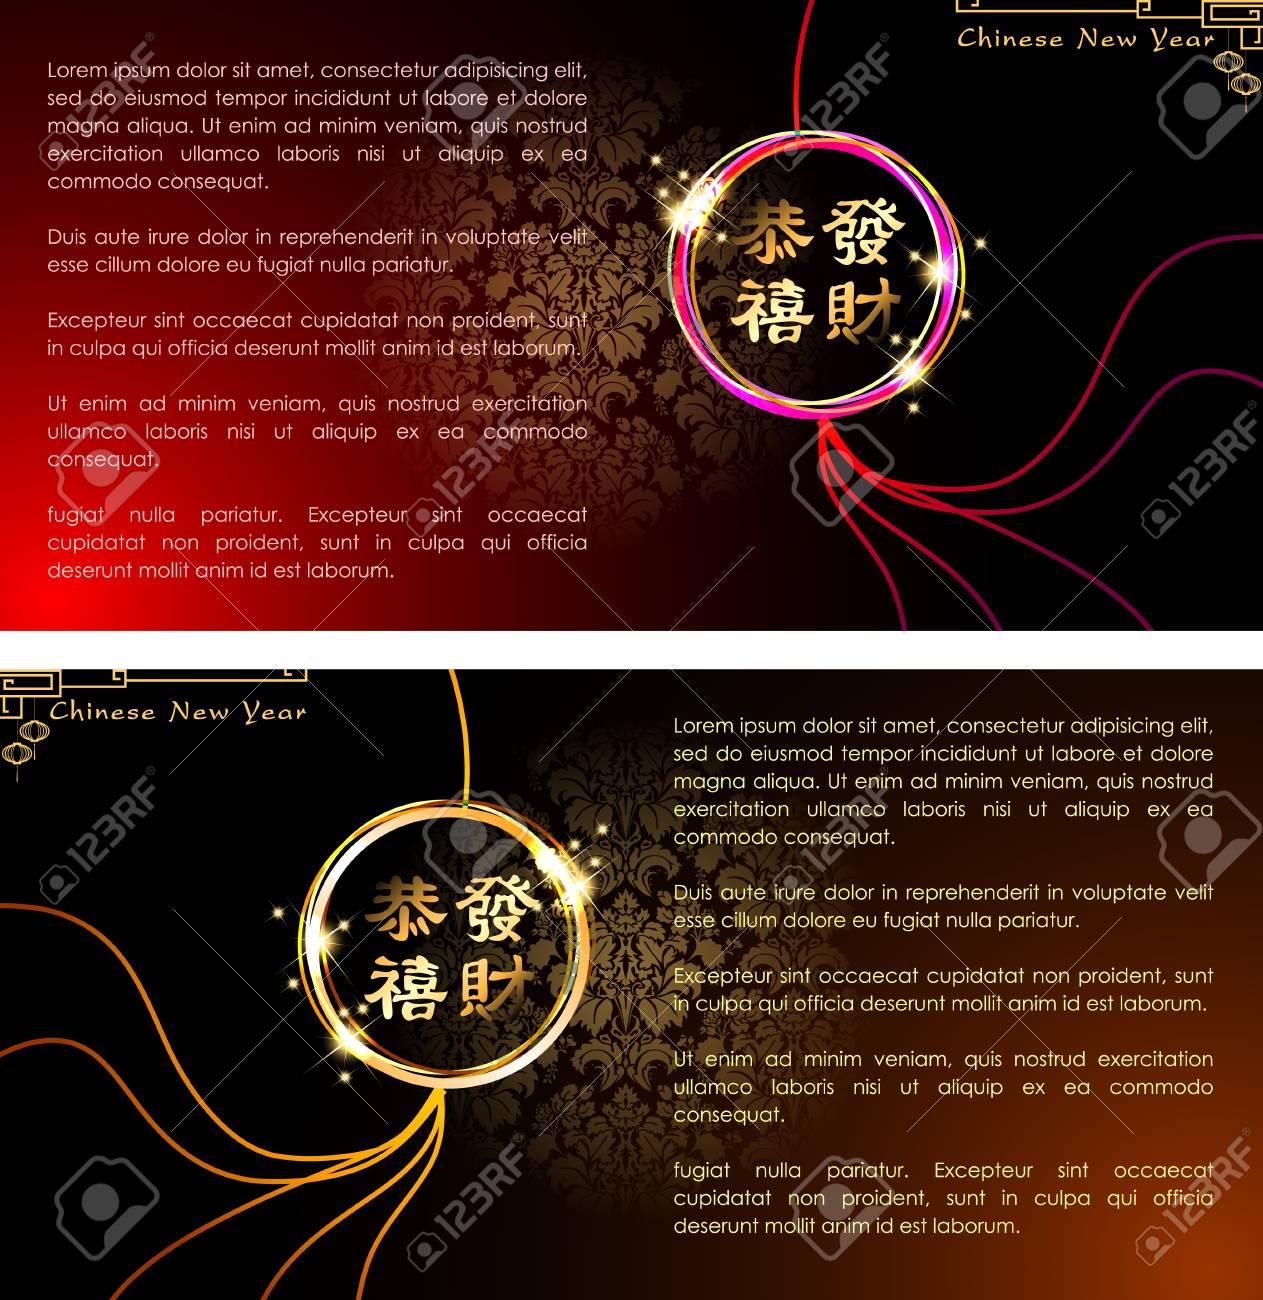 Resumo De Feliz Ano Novo Com A Frase Do Chinês Tradicional O Significado é De Sorte E Feliz Vetor E Ilustração Eps 10